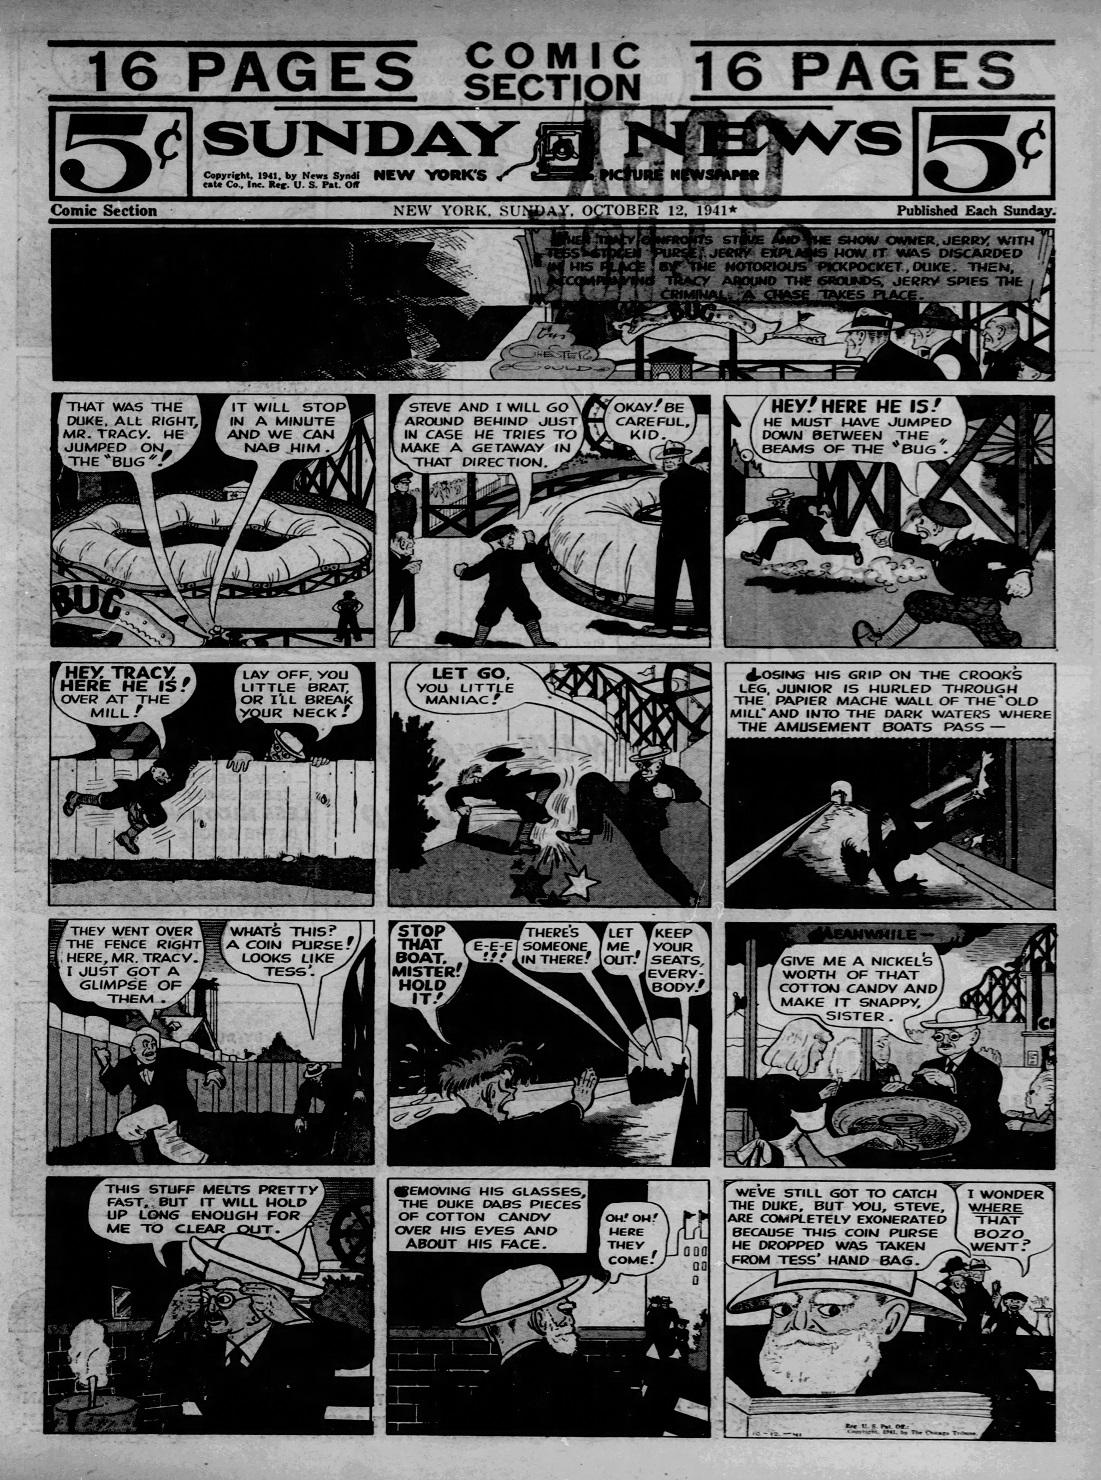 Daily_News_Sun__Oct_12__1941_(2).jpg